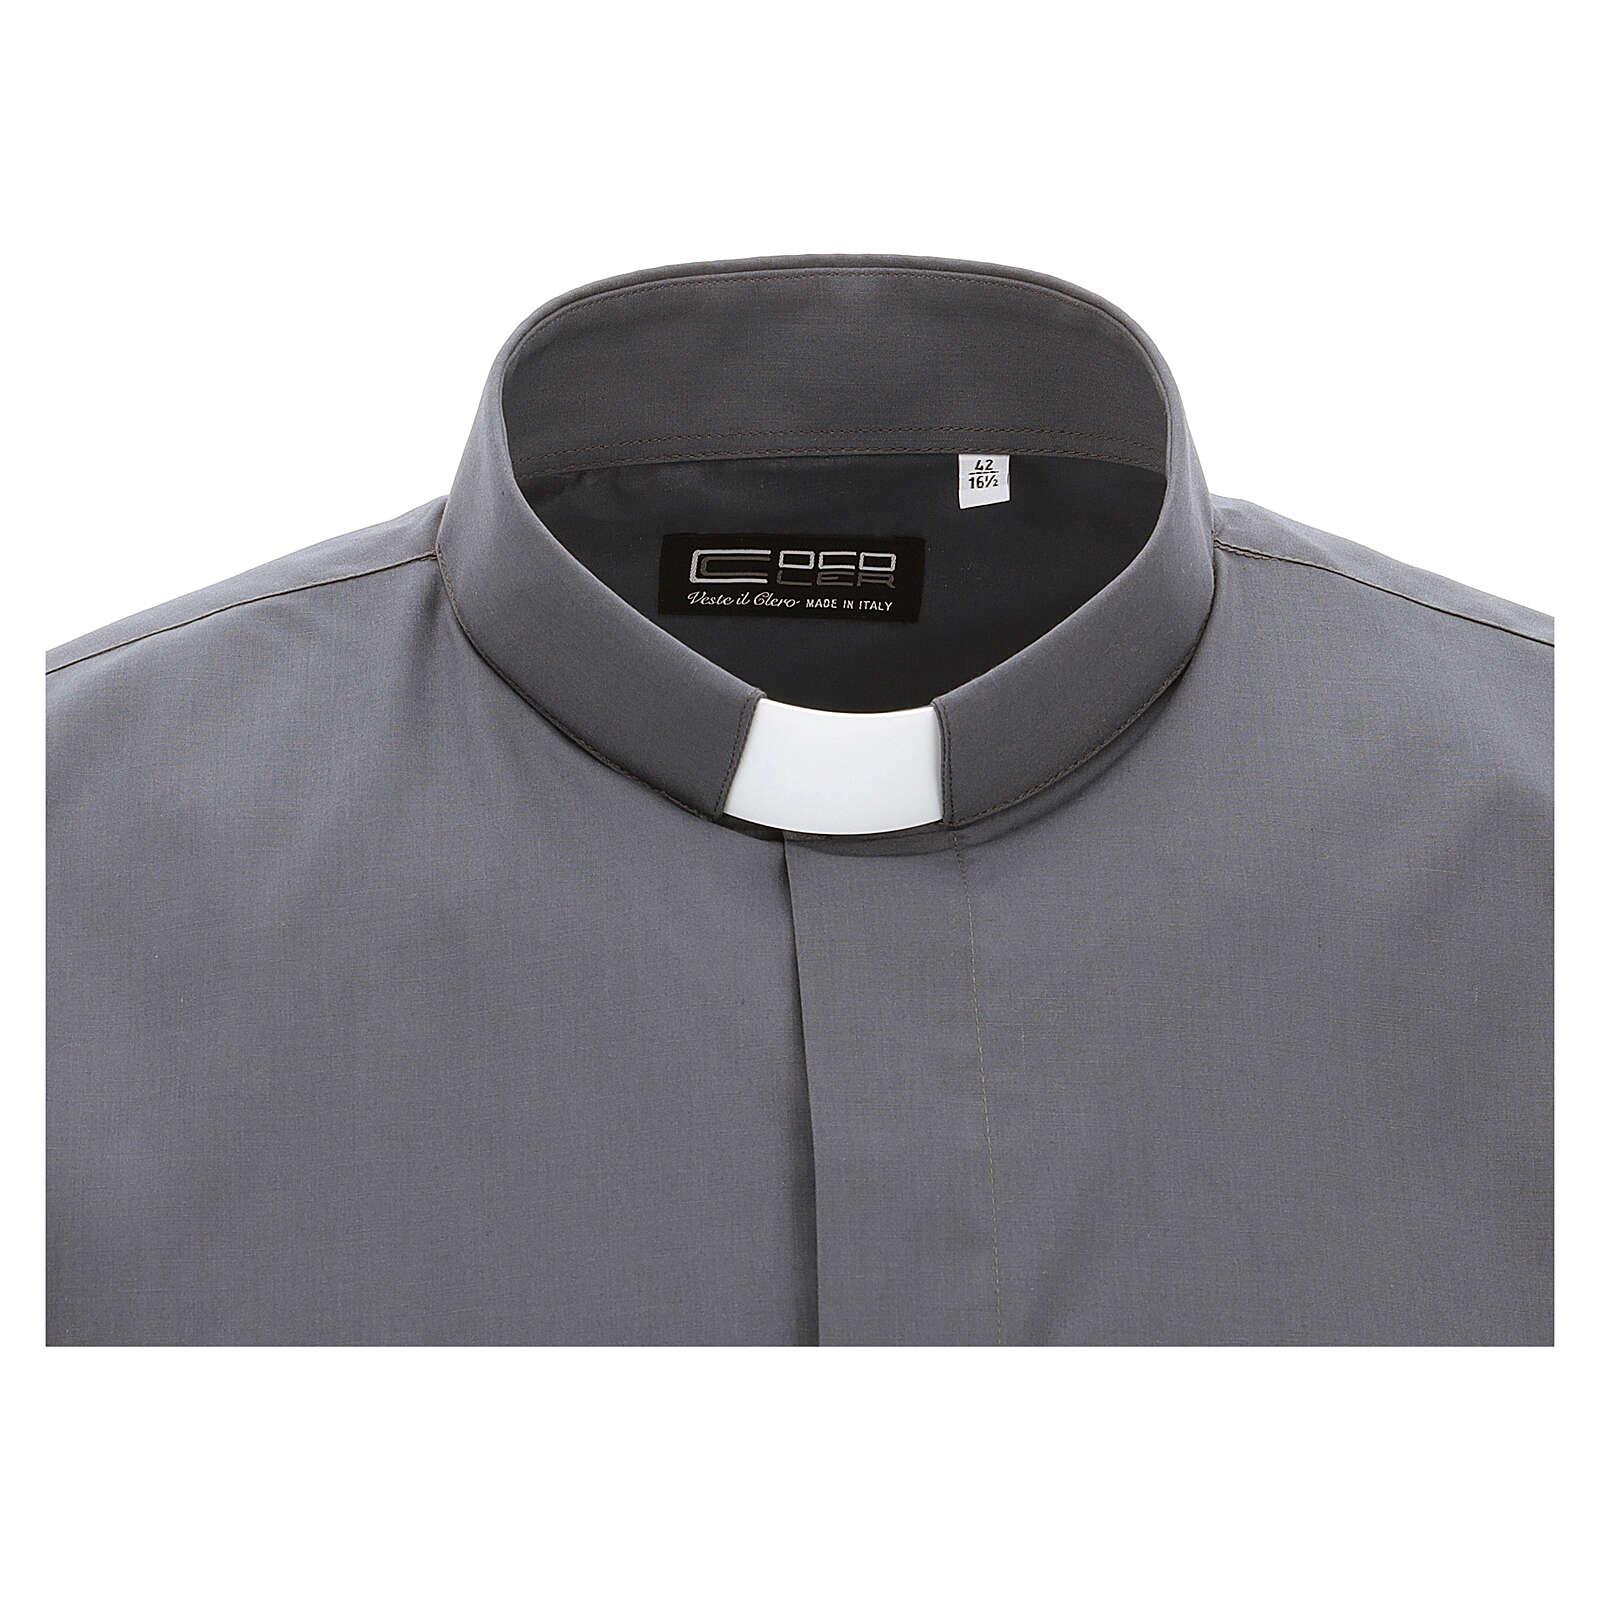 Chemise clergy gris foncé uni manches courtes 4